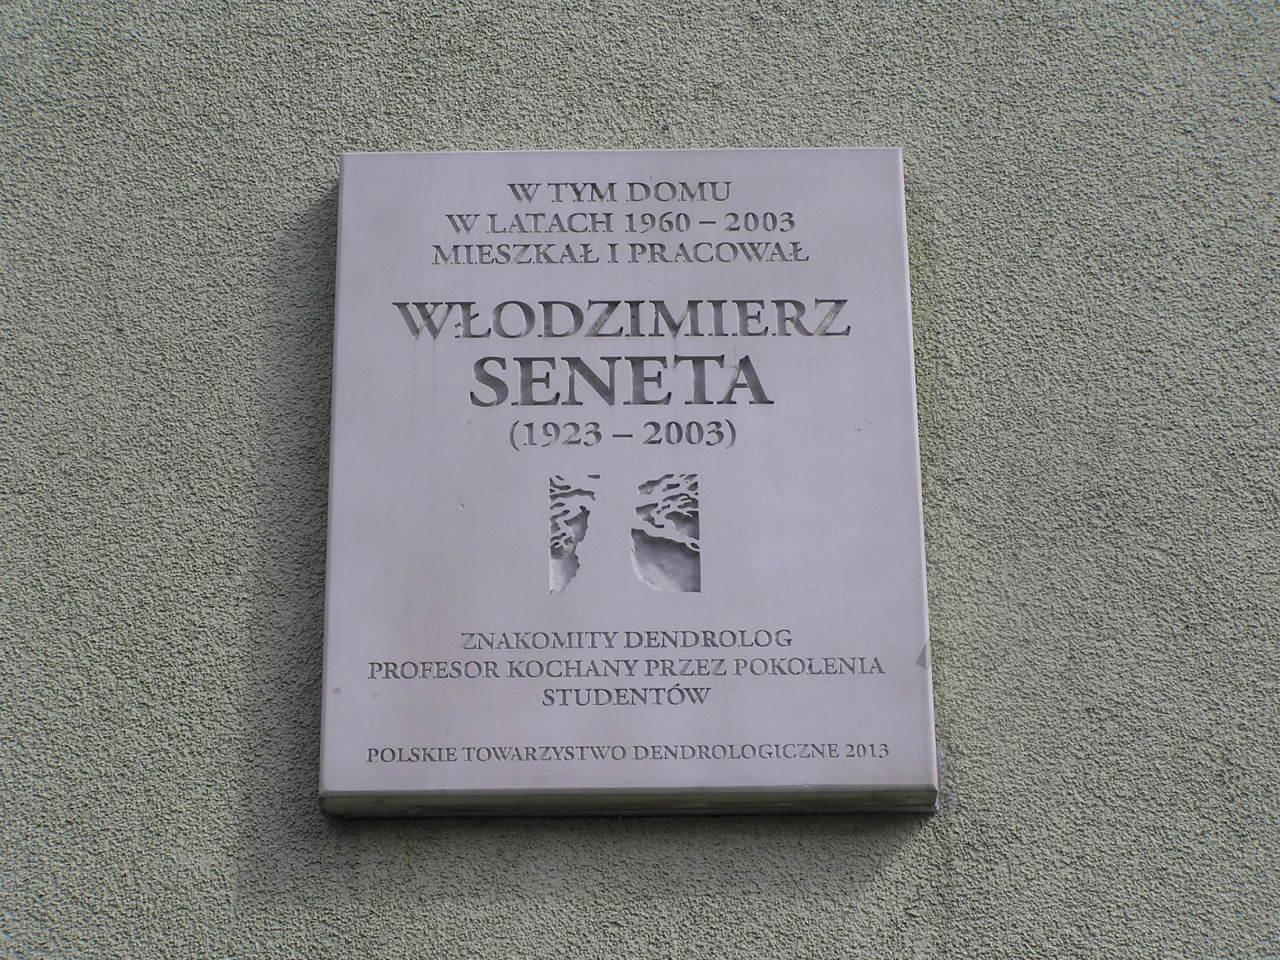 Tablica pamięci Włodzimierza Senety